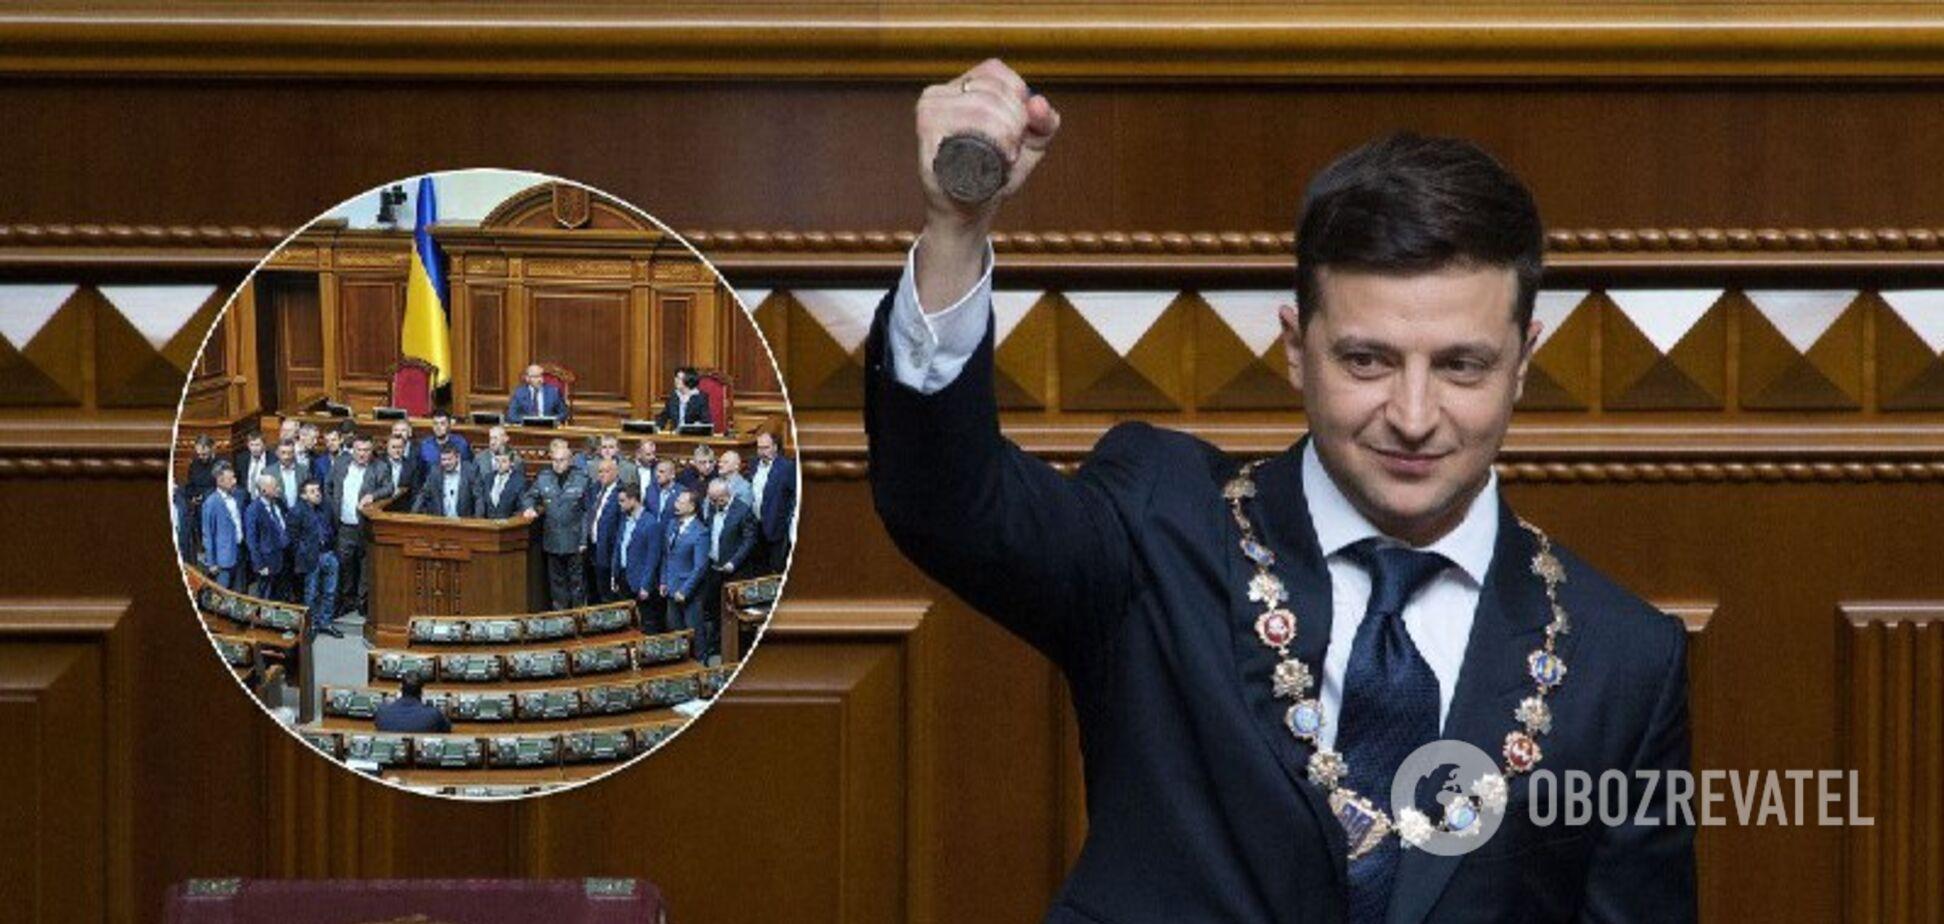 Указ про дострокові вибори в Україні набув чинності: що далі